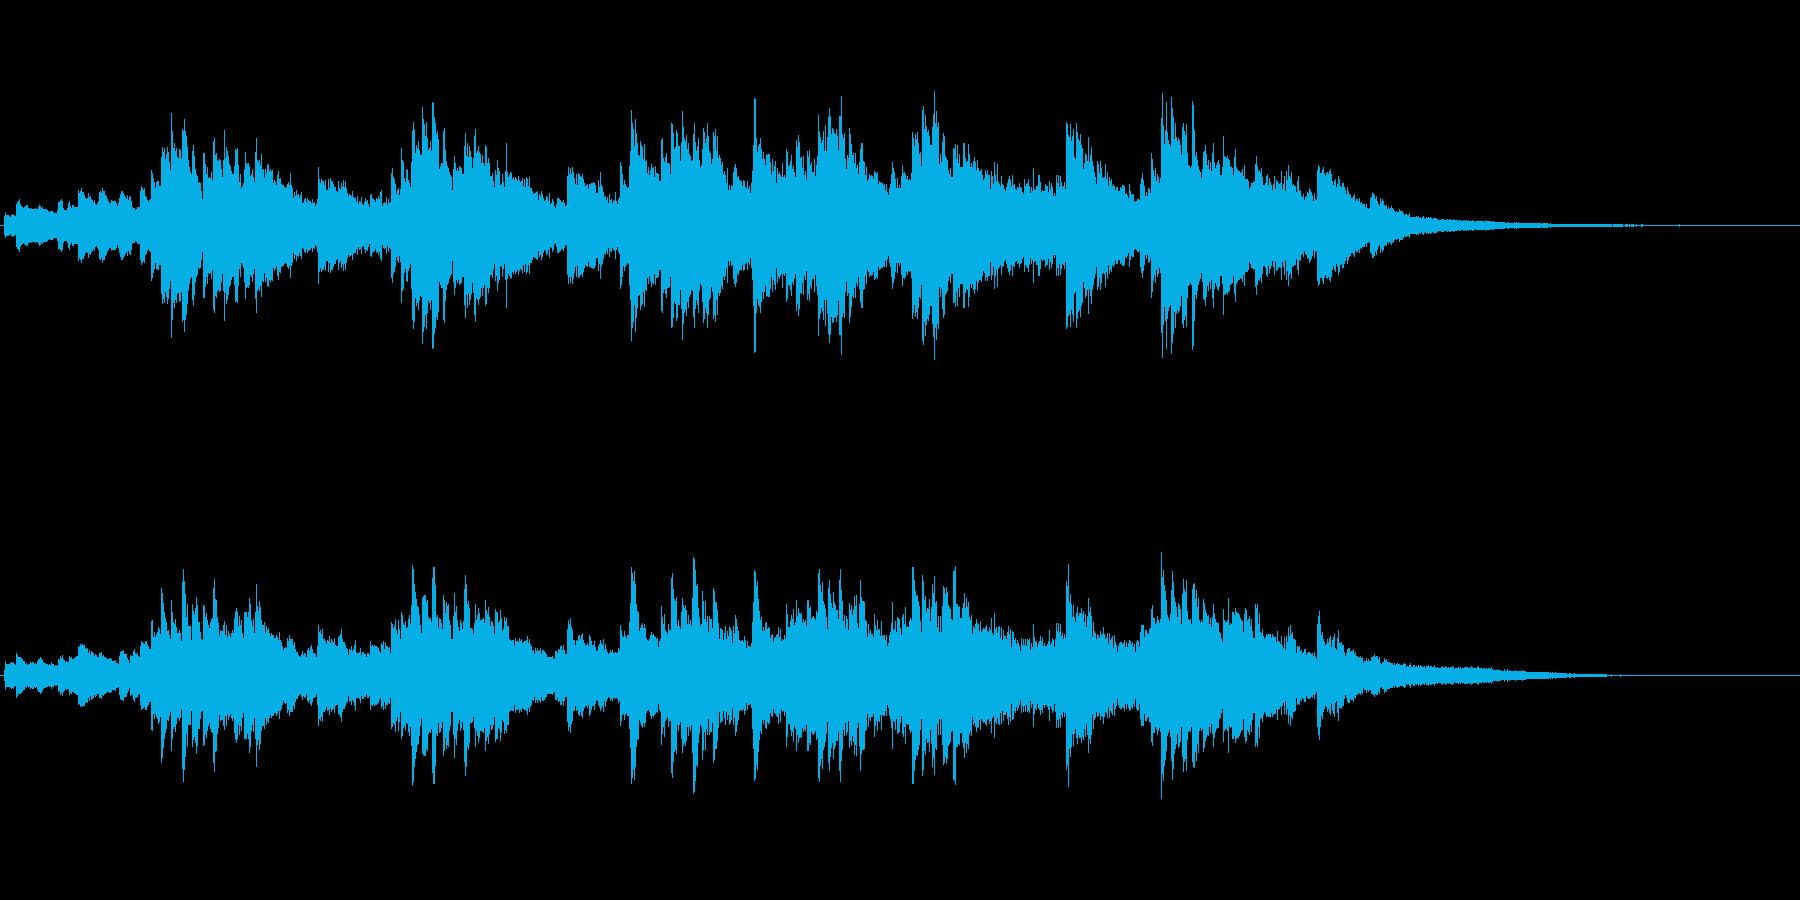 メランコリックなピアノが印象的なジングルの再生済みの波形